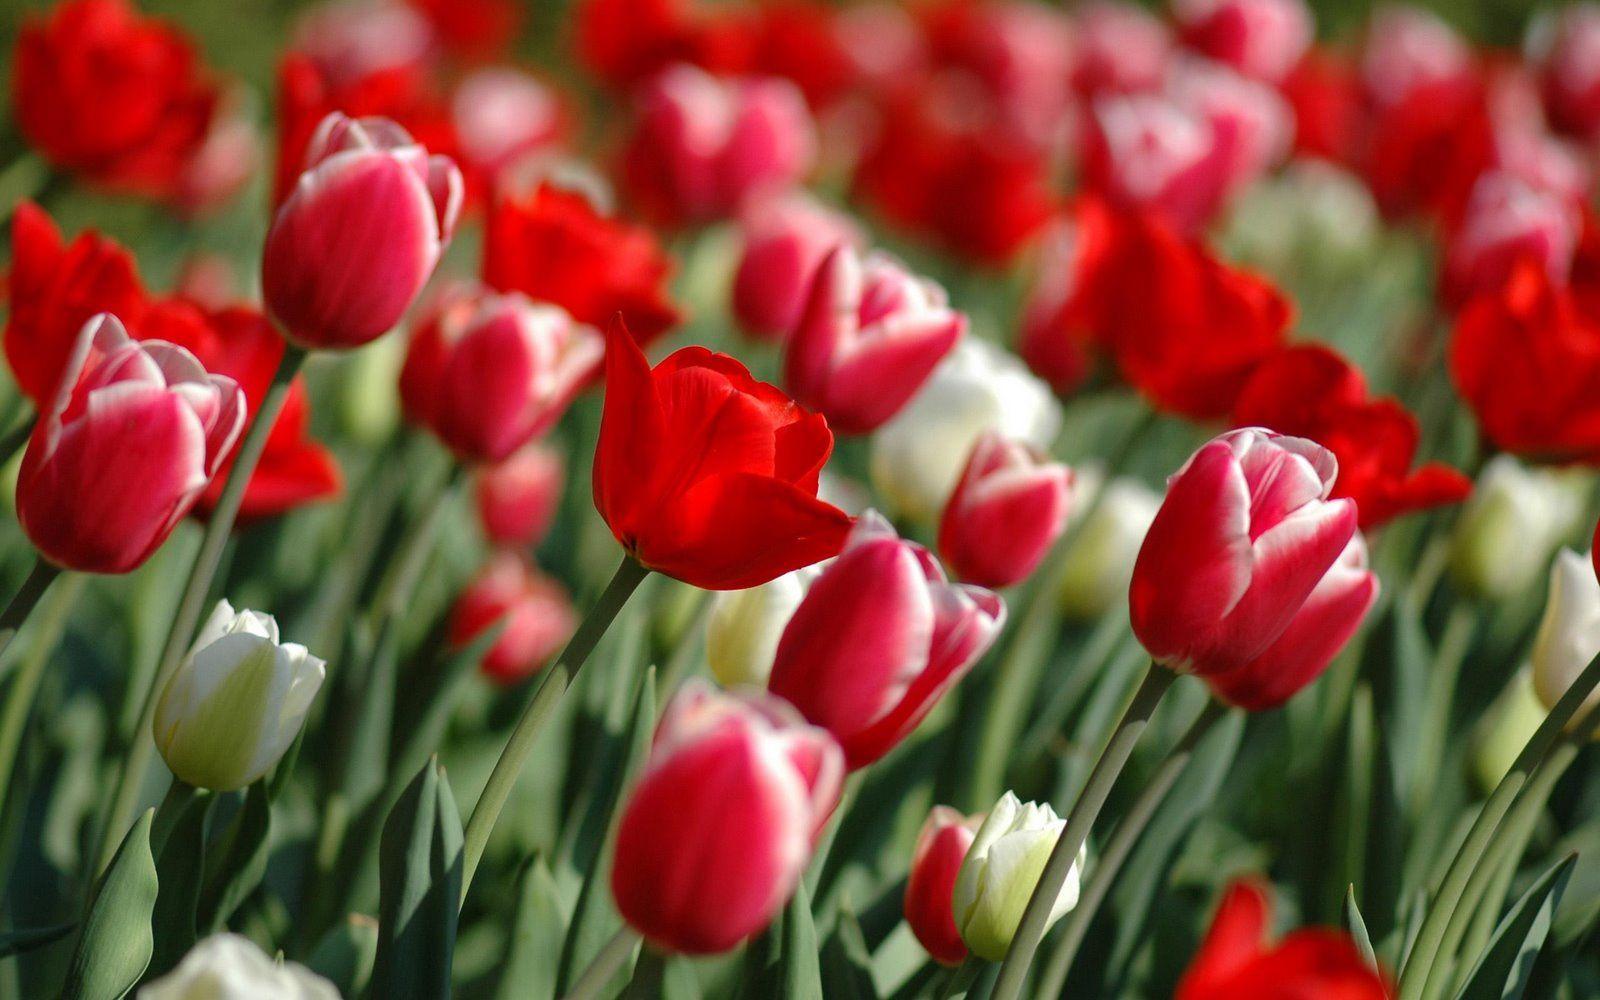 Tulip 7077 - Tulip - Flowers